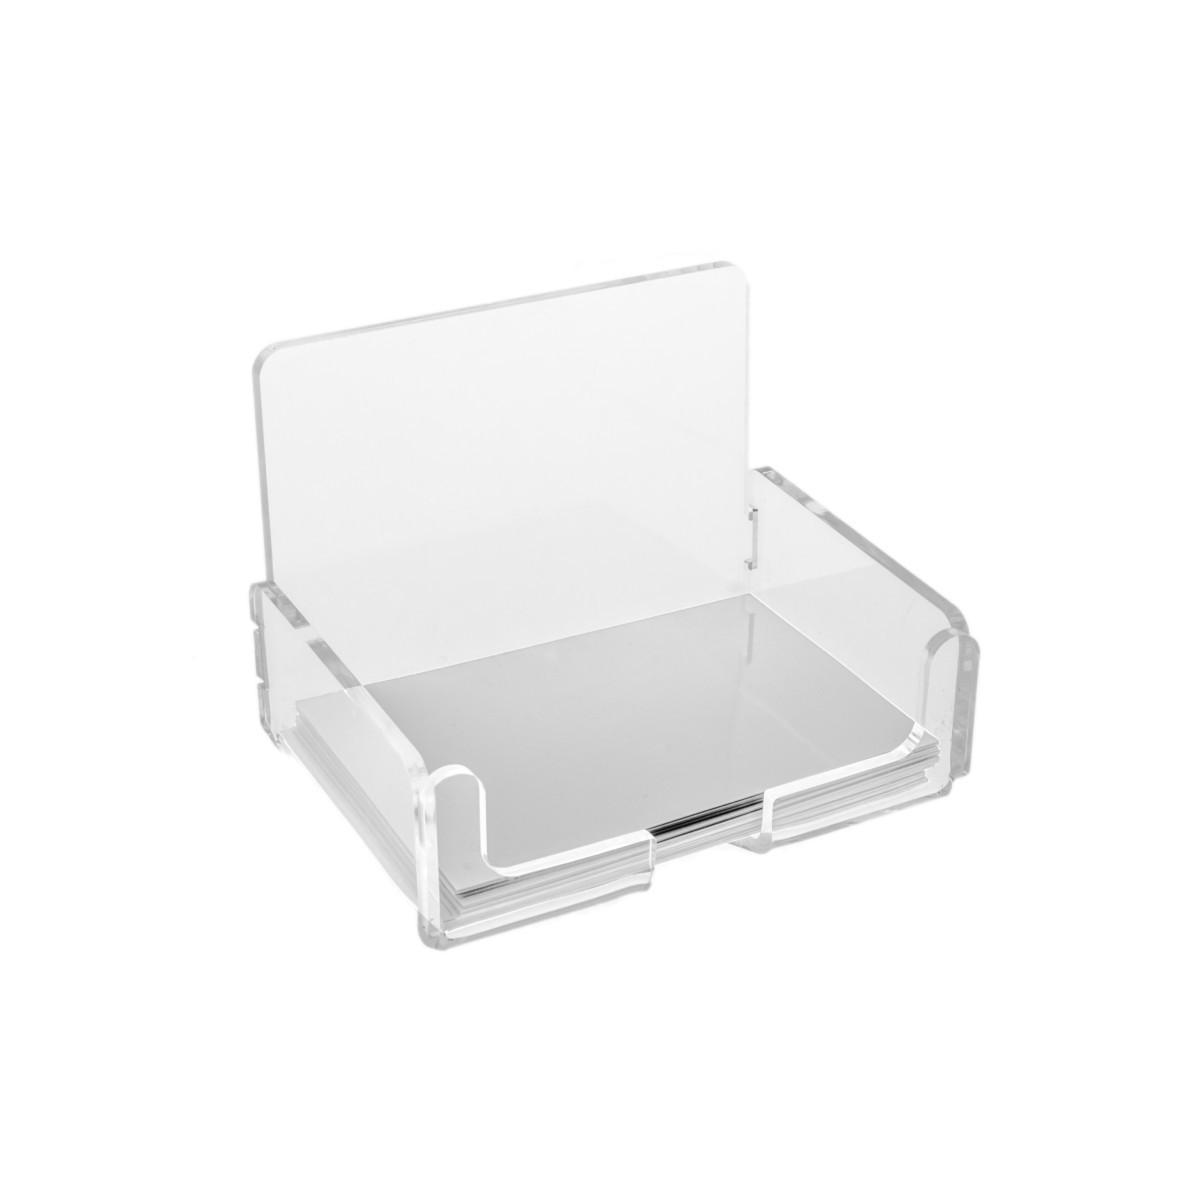 E-028 PV - Porta biglietti da visita in plexiglass trasparente